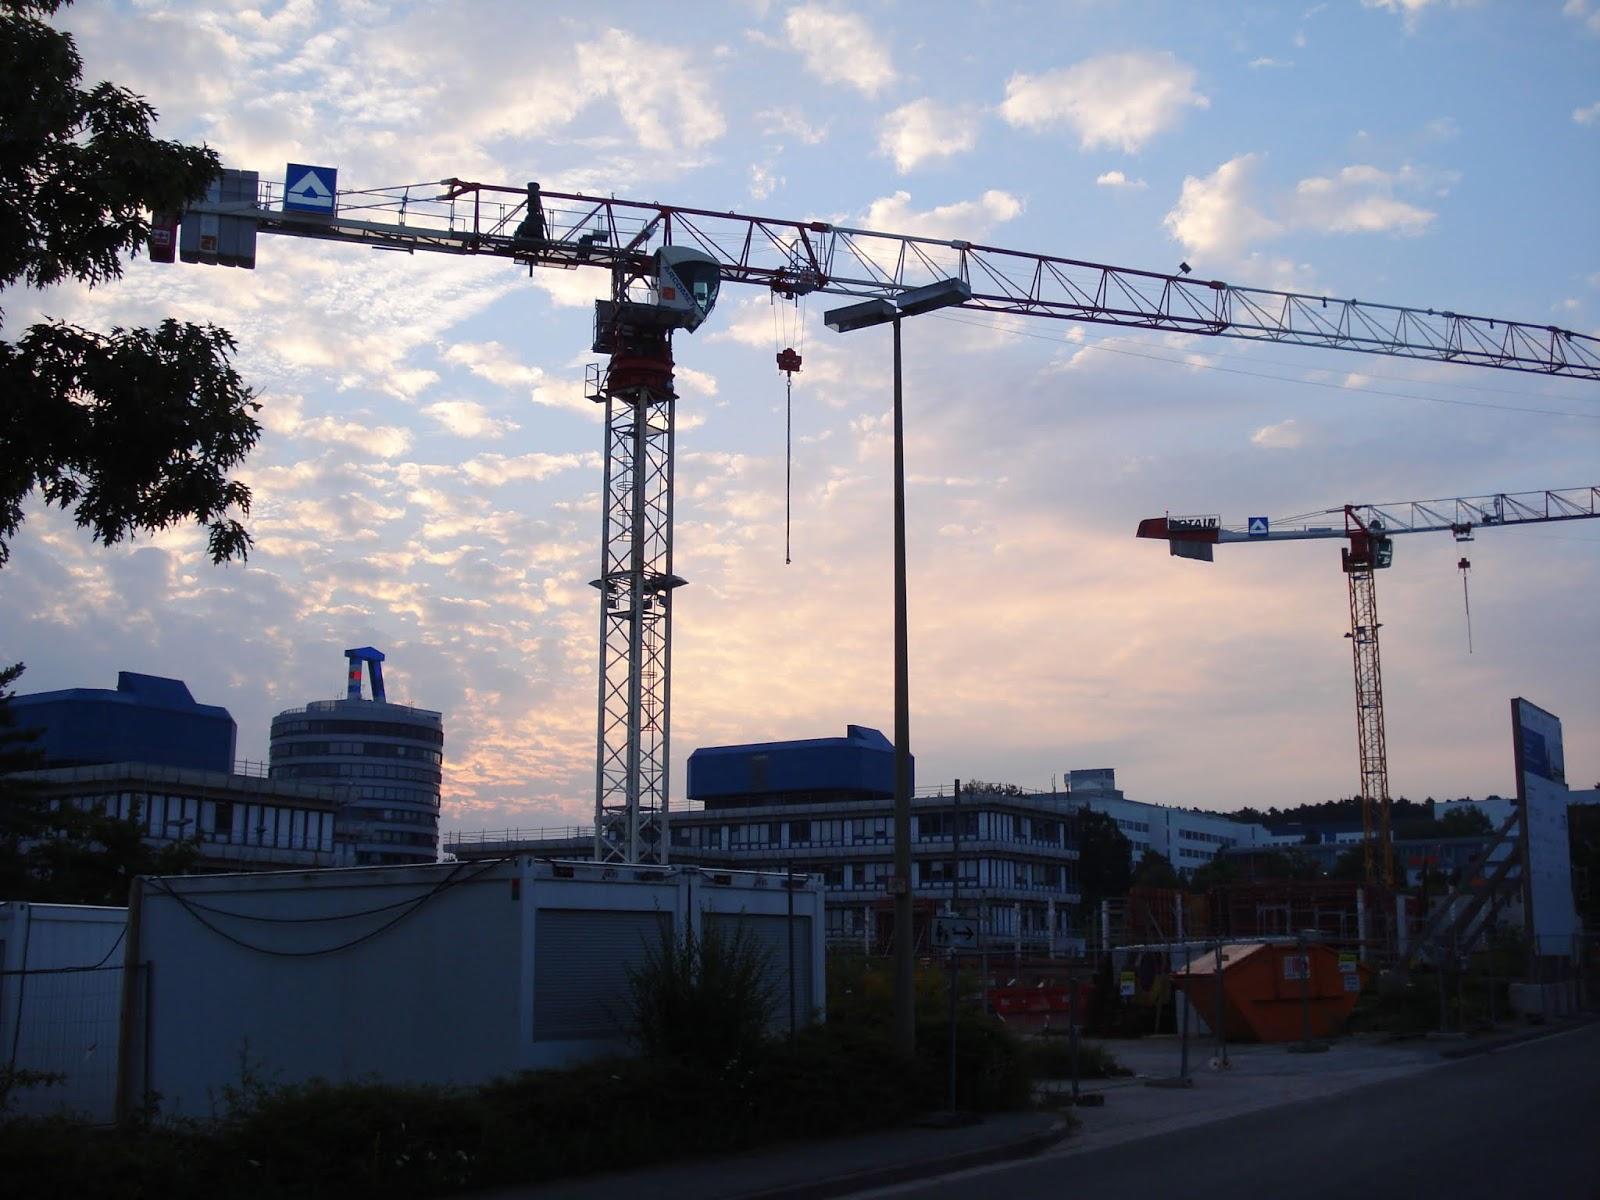 Kaiserslautern Pfalz Bilder Und Anderes Gebäudeneubau Der